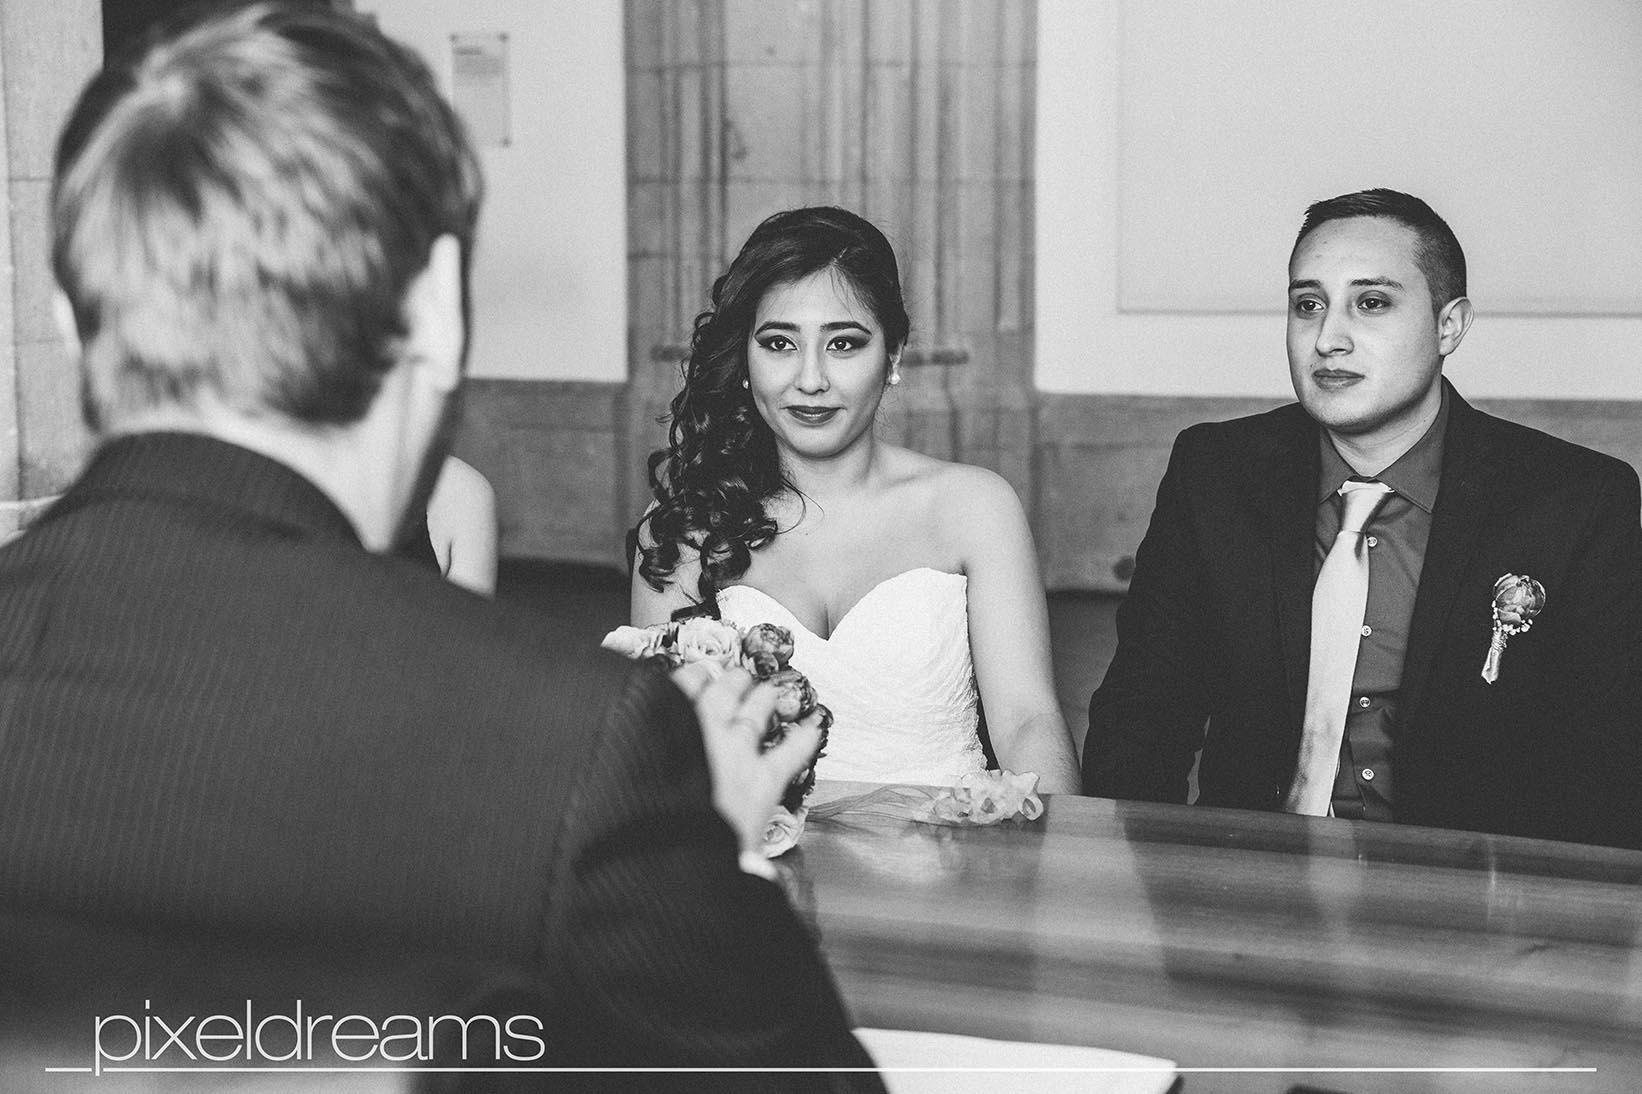 Braut und Bräutigam sitzen vor dem Standesbeamten und lassen sich gleich trauen - die reportage erfolgt durch unseren hochzeitsfotografen von pixeldreams